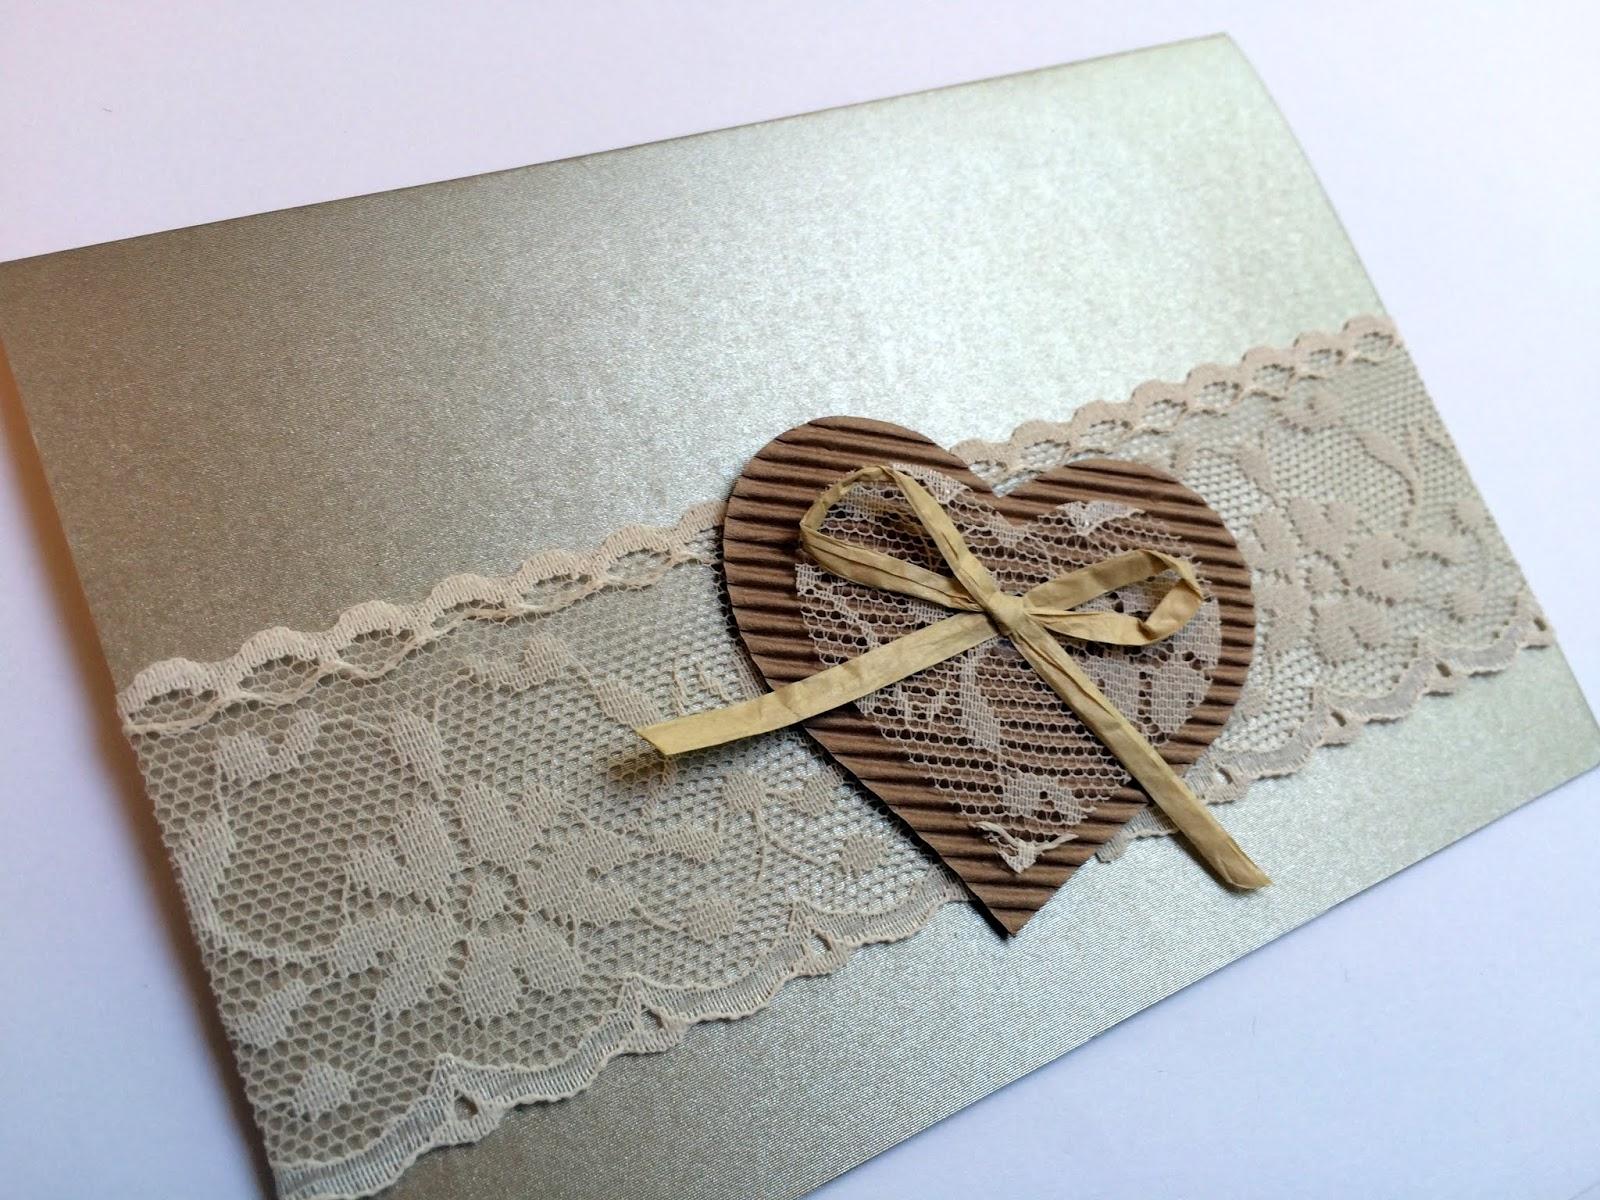 Preferenza Lumaca Matta - Handmade with love: Inviti matrimonio rustico- parte 2 EF67